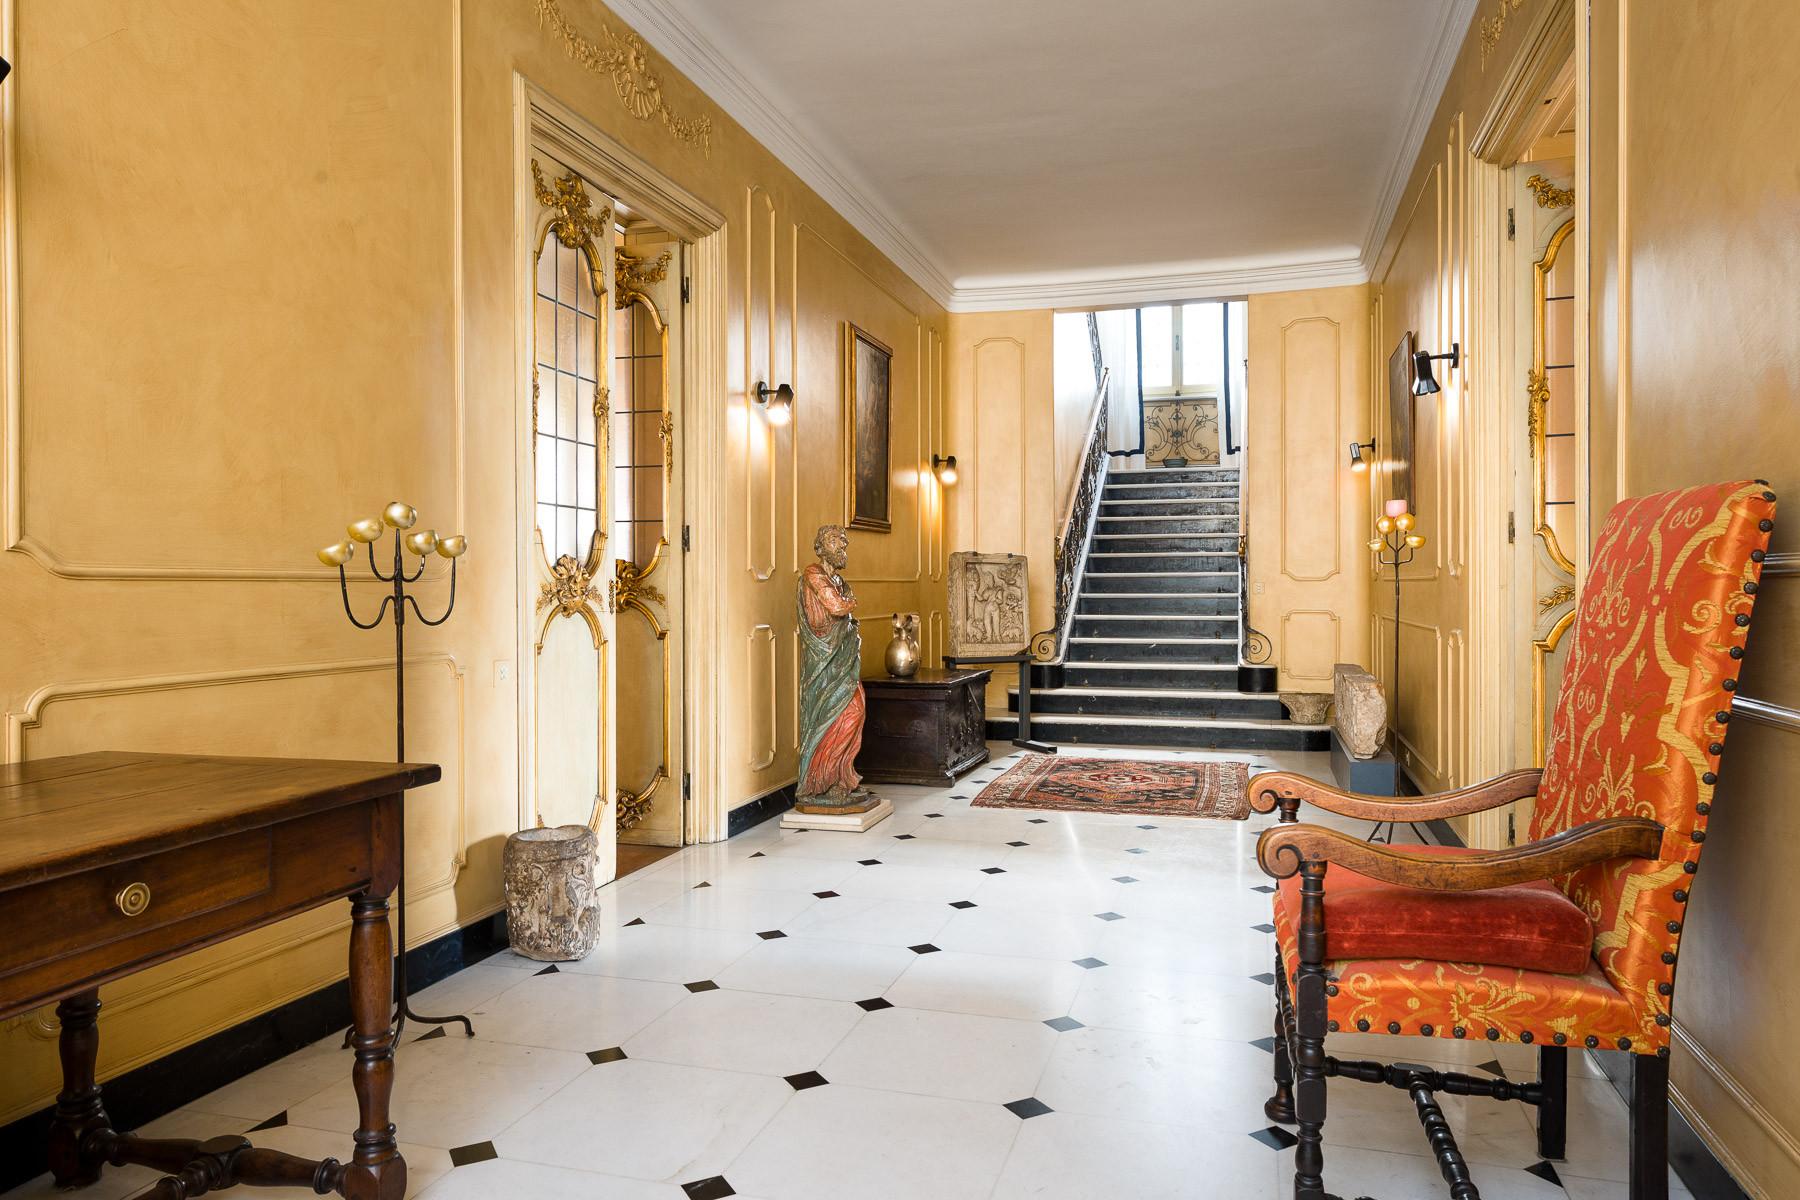 Immobili di lusso a torino trovocasa pregio for Interni di appartamenti